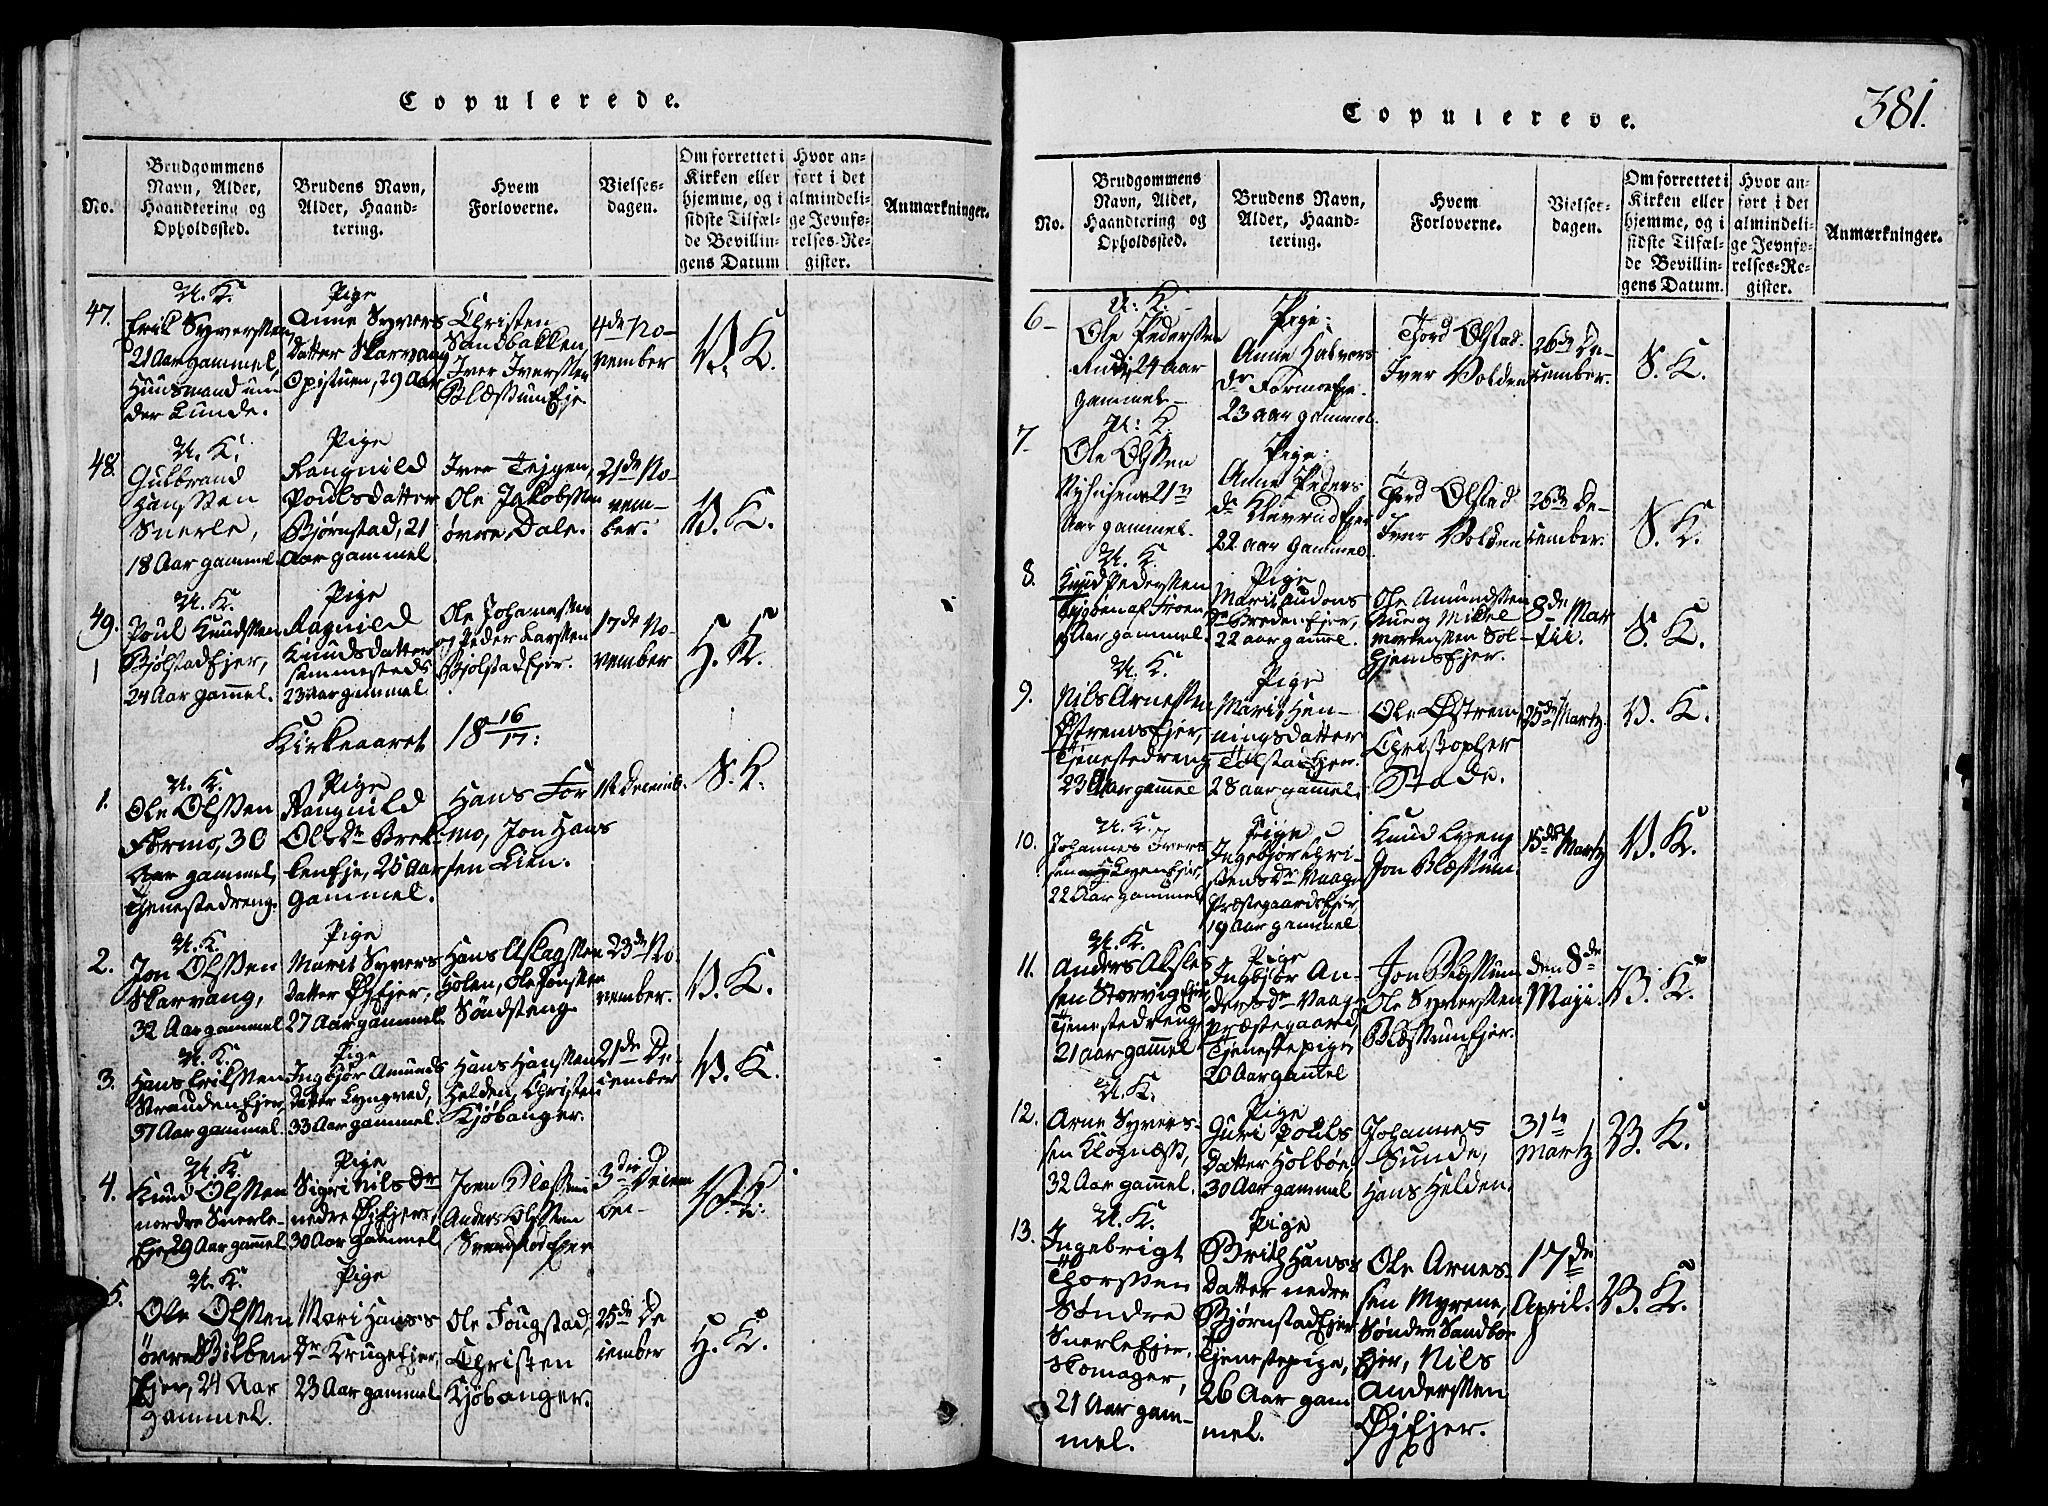 SAH, Vågå prestekontor, Klokkerbok nr. 1, 1815-1827, s. 380-381